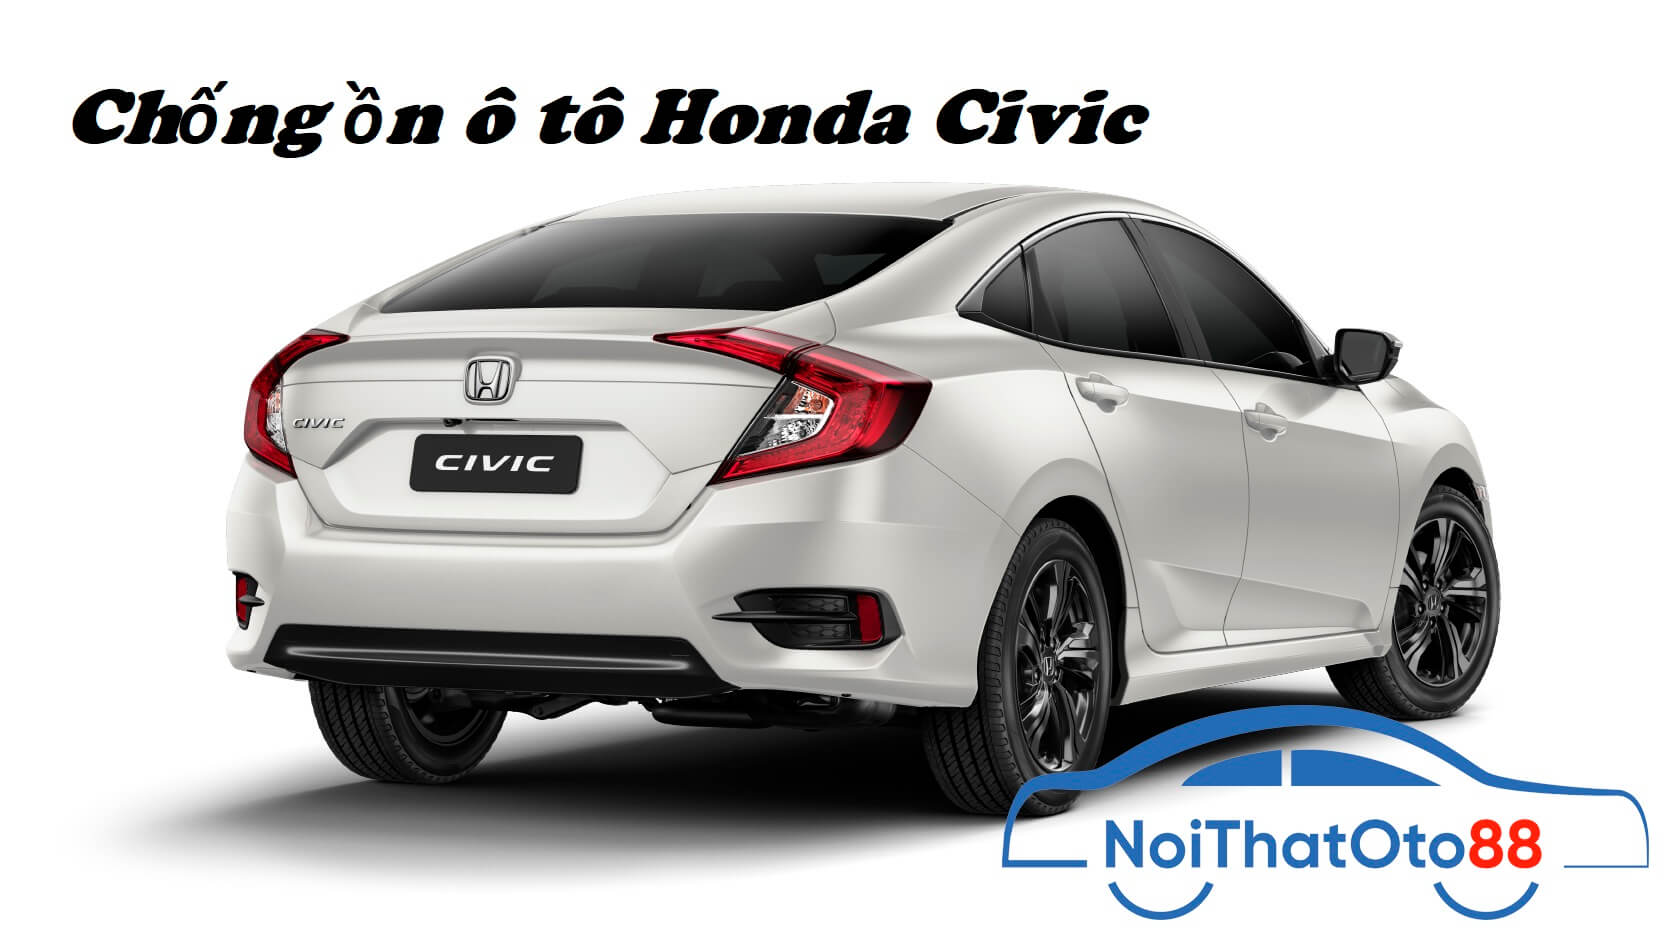 Chống ồn ô tô cho xe Honda Civic hiệu quả